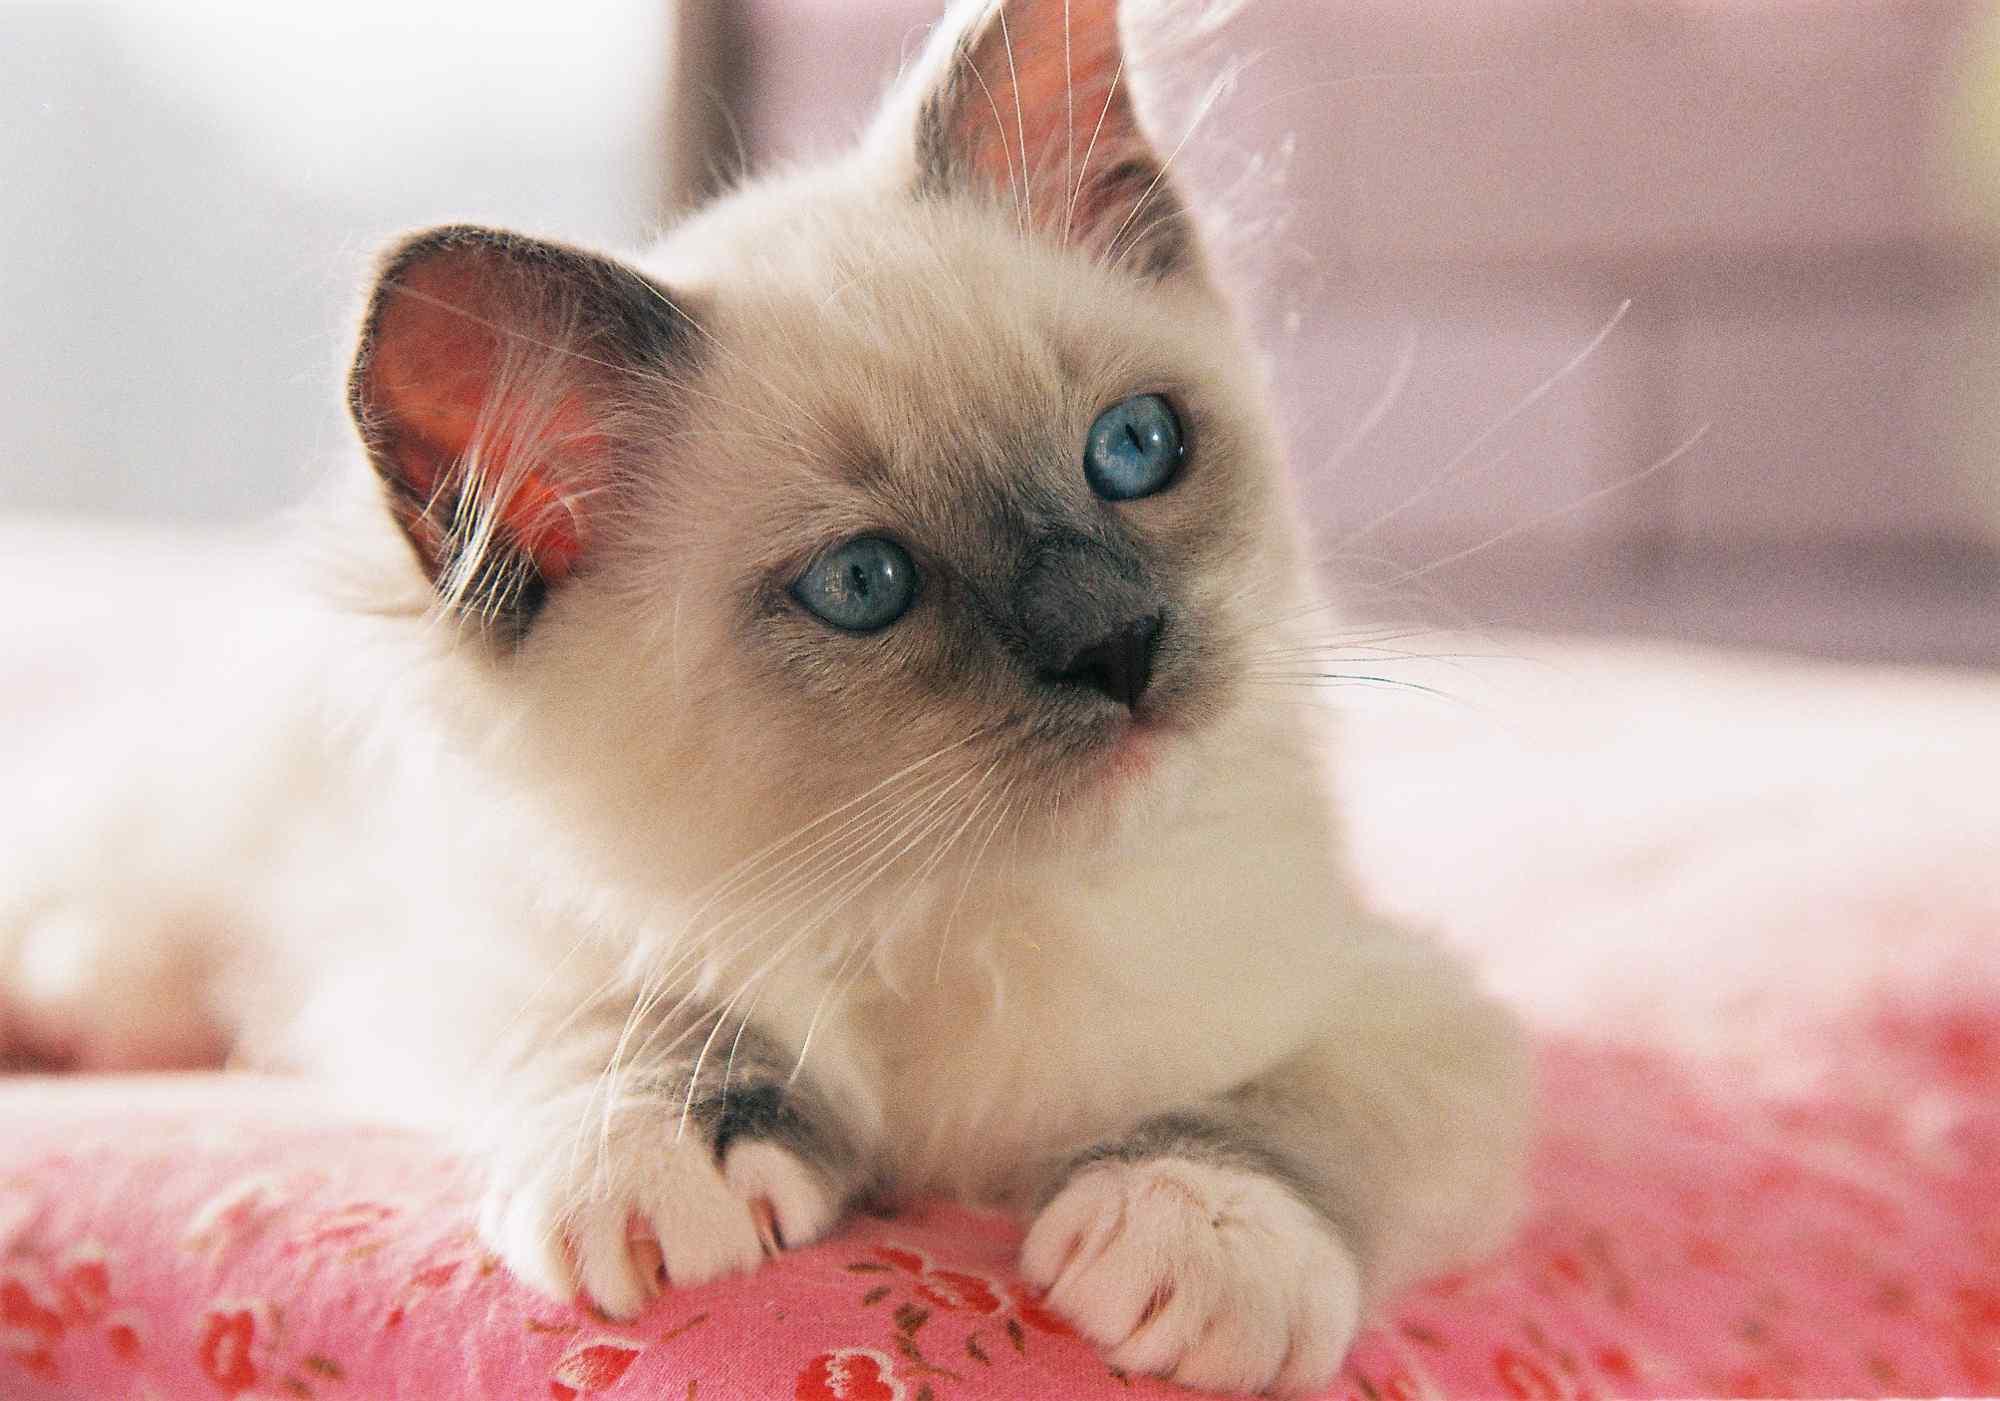 歪头可爱的小布偶猫桌面壁纸